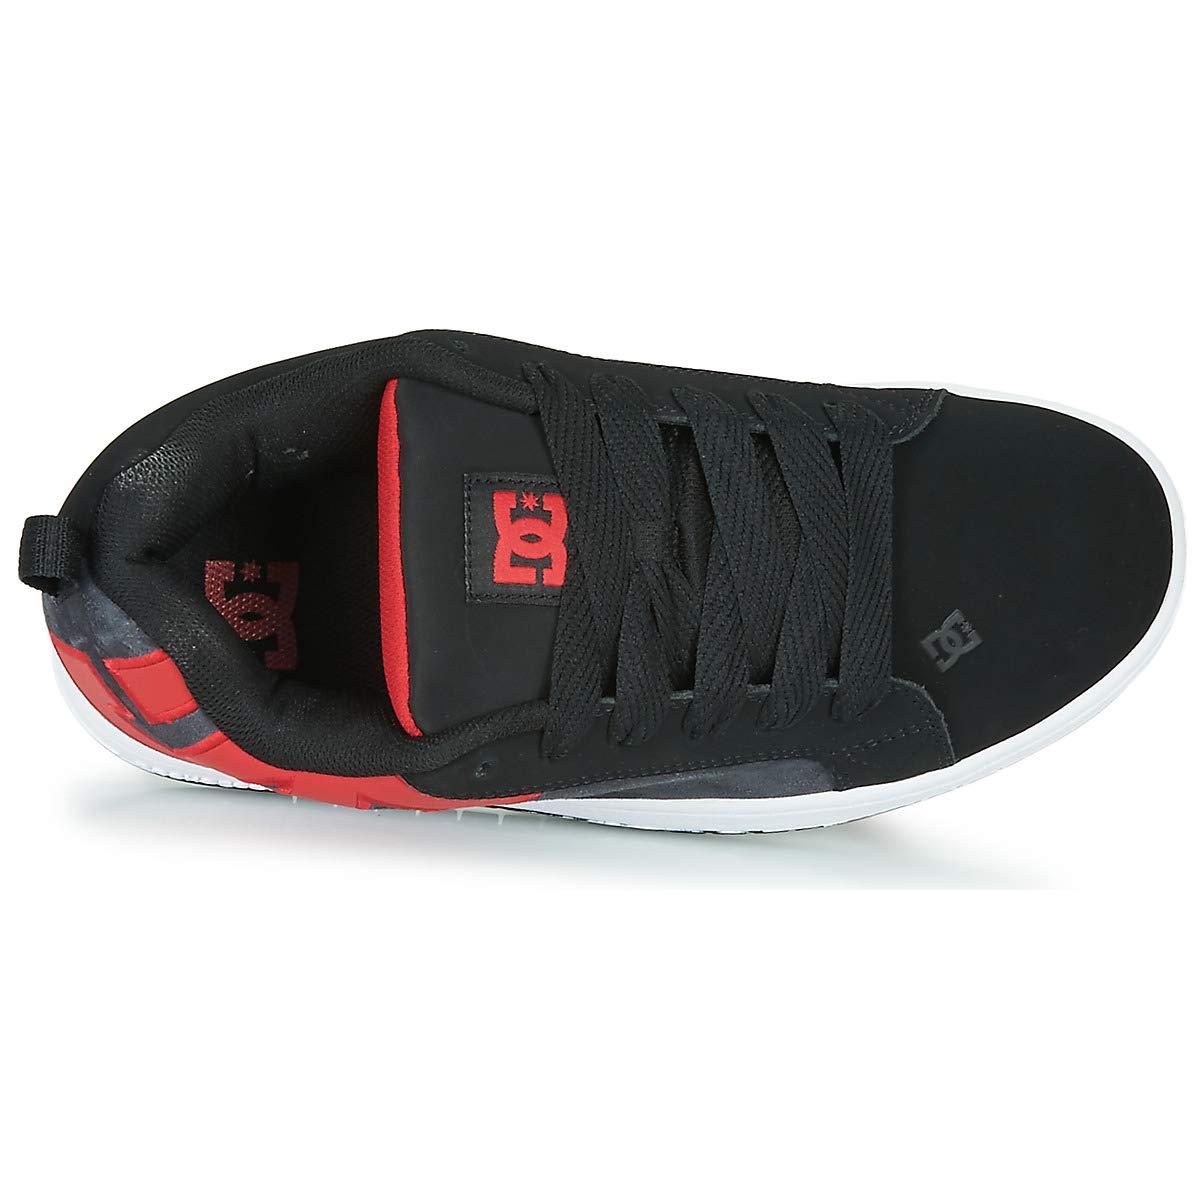 DC Shoes DCSHI Low-top Shoes for Men Skateboarding Court Graffik Se